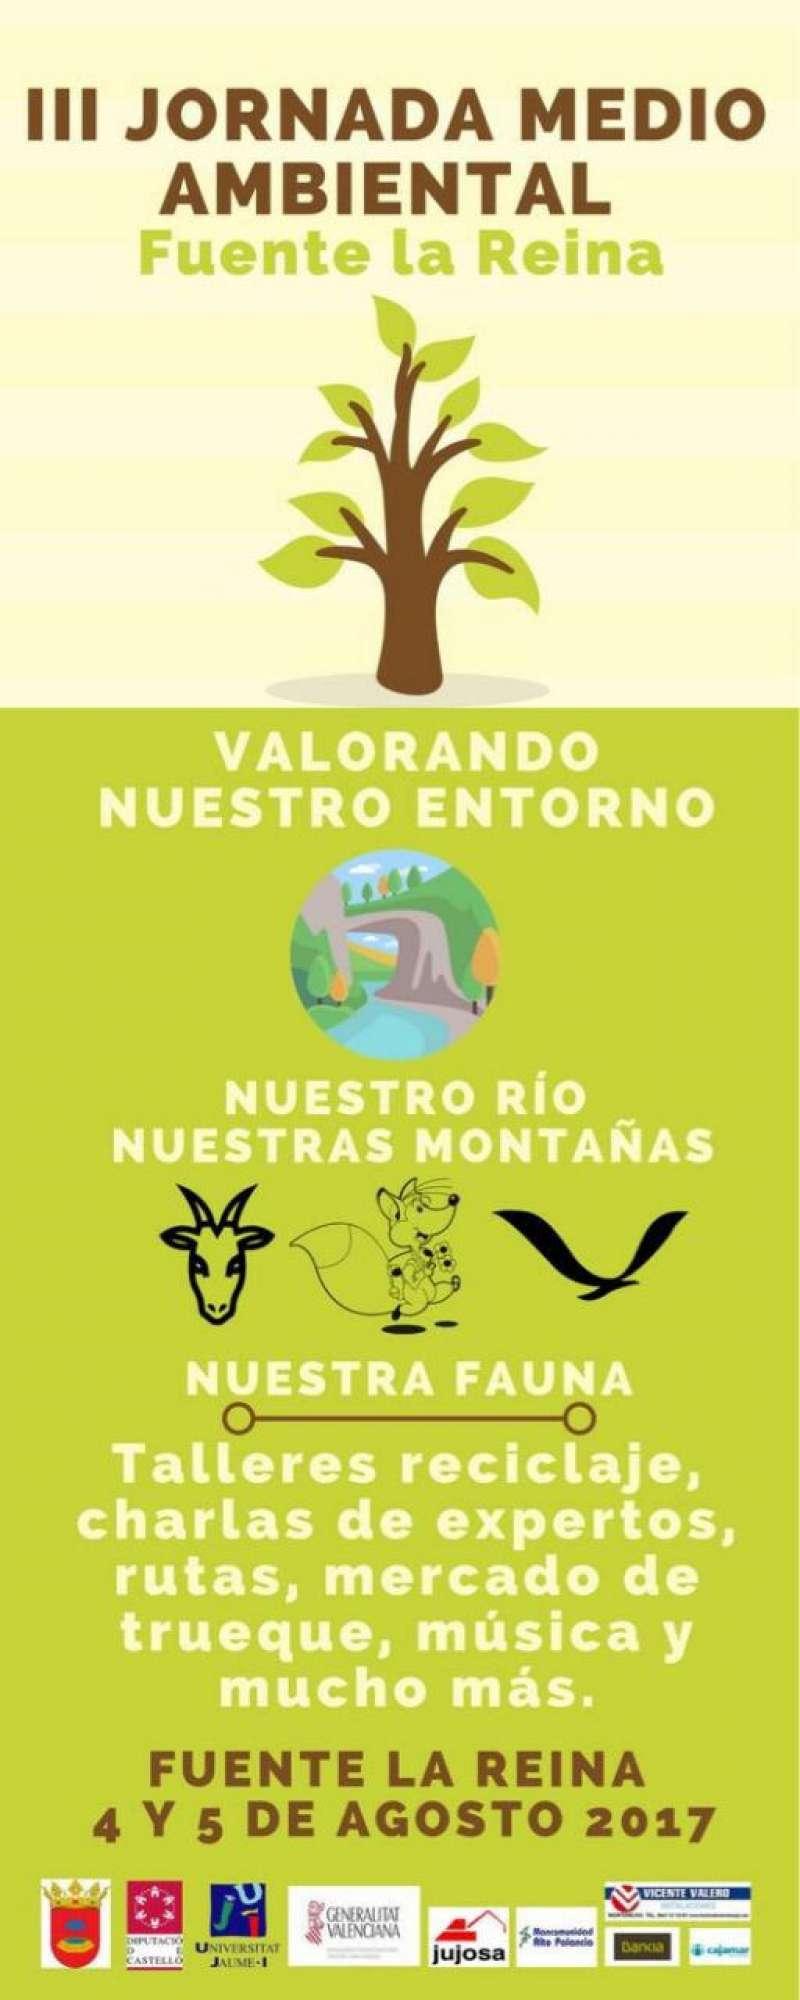 Cartel de las jornadas medioambientales en Fuente la Reina. EPDA